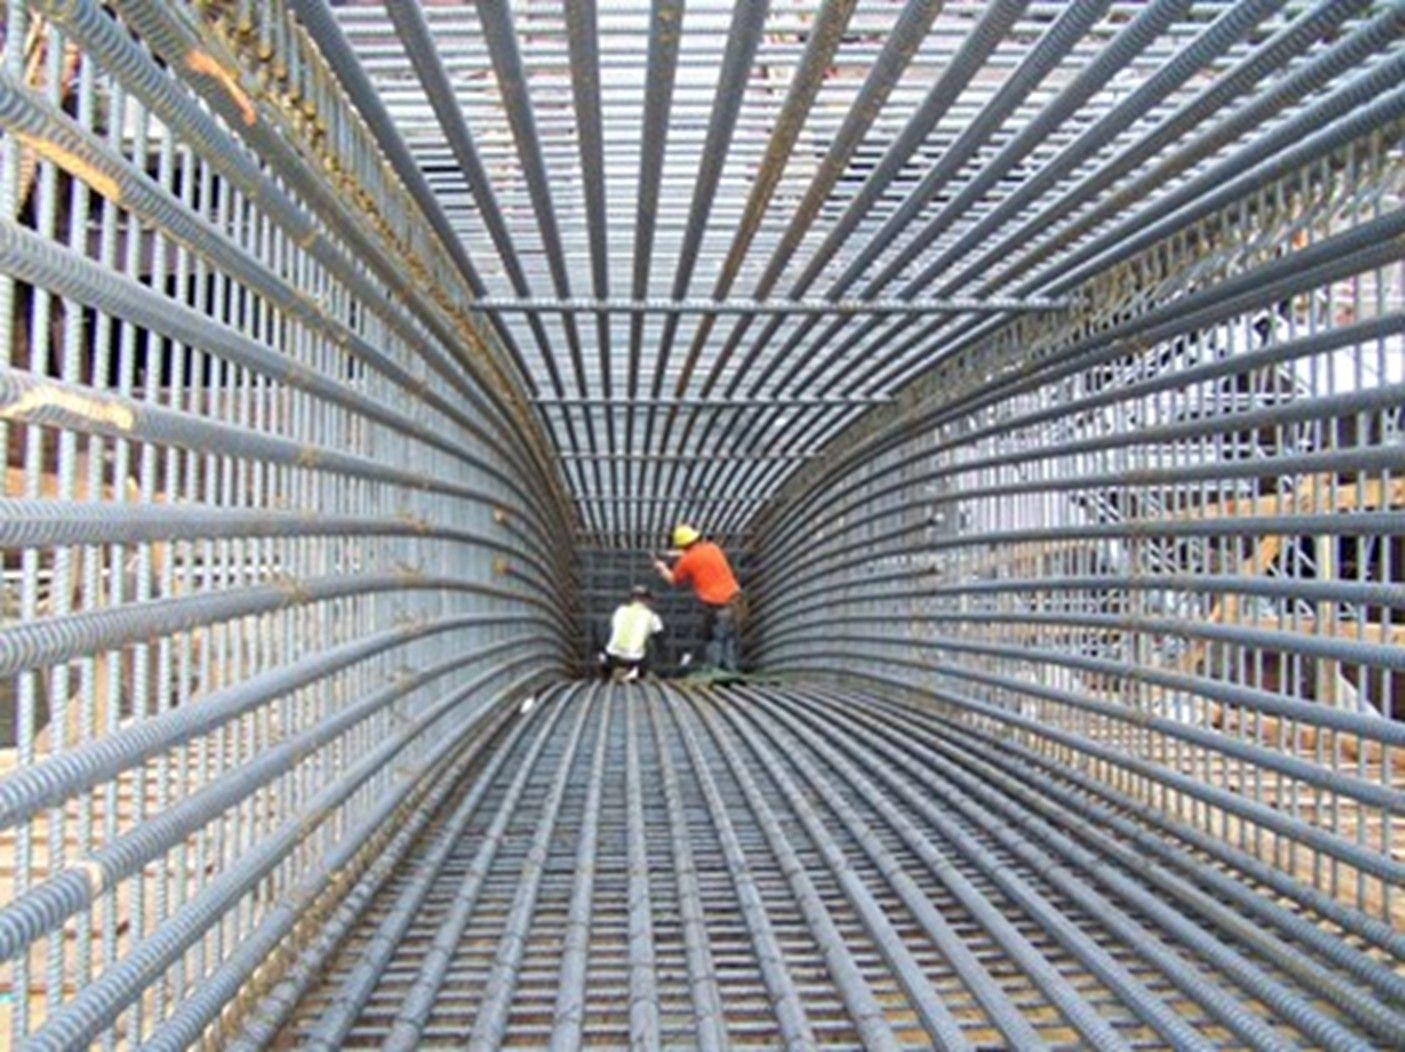 Rebar Formwork Construction Site In 2019 Concrete